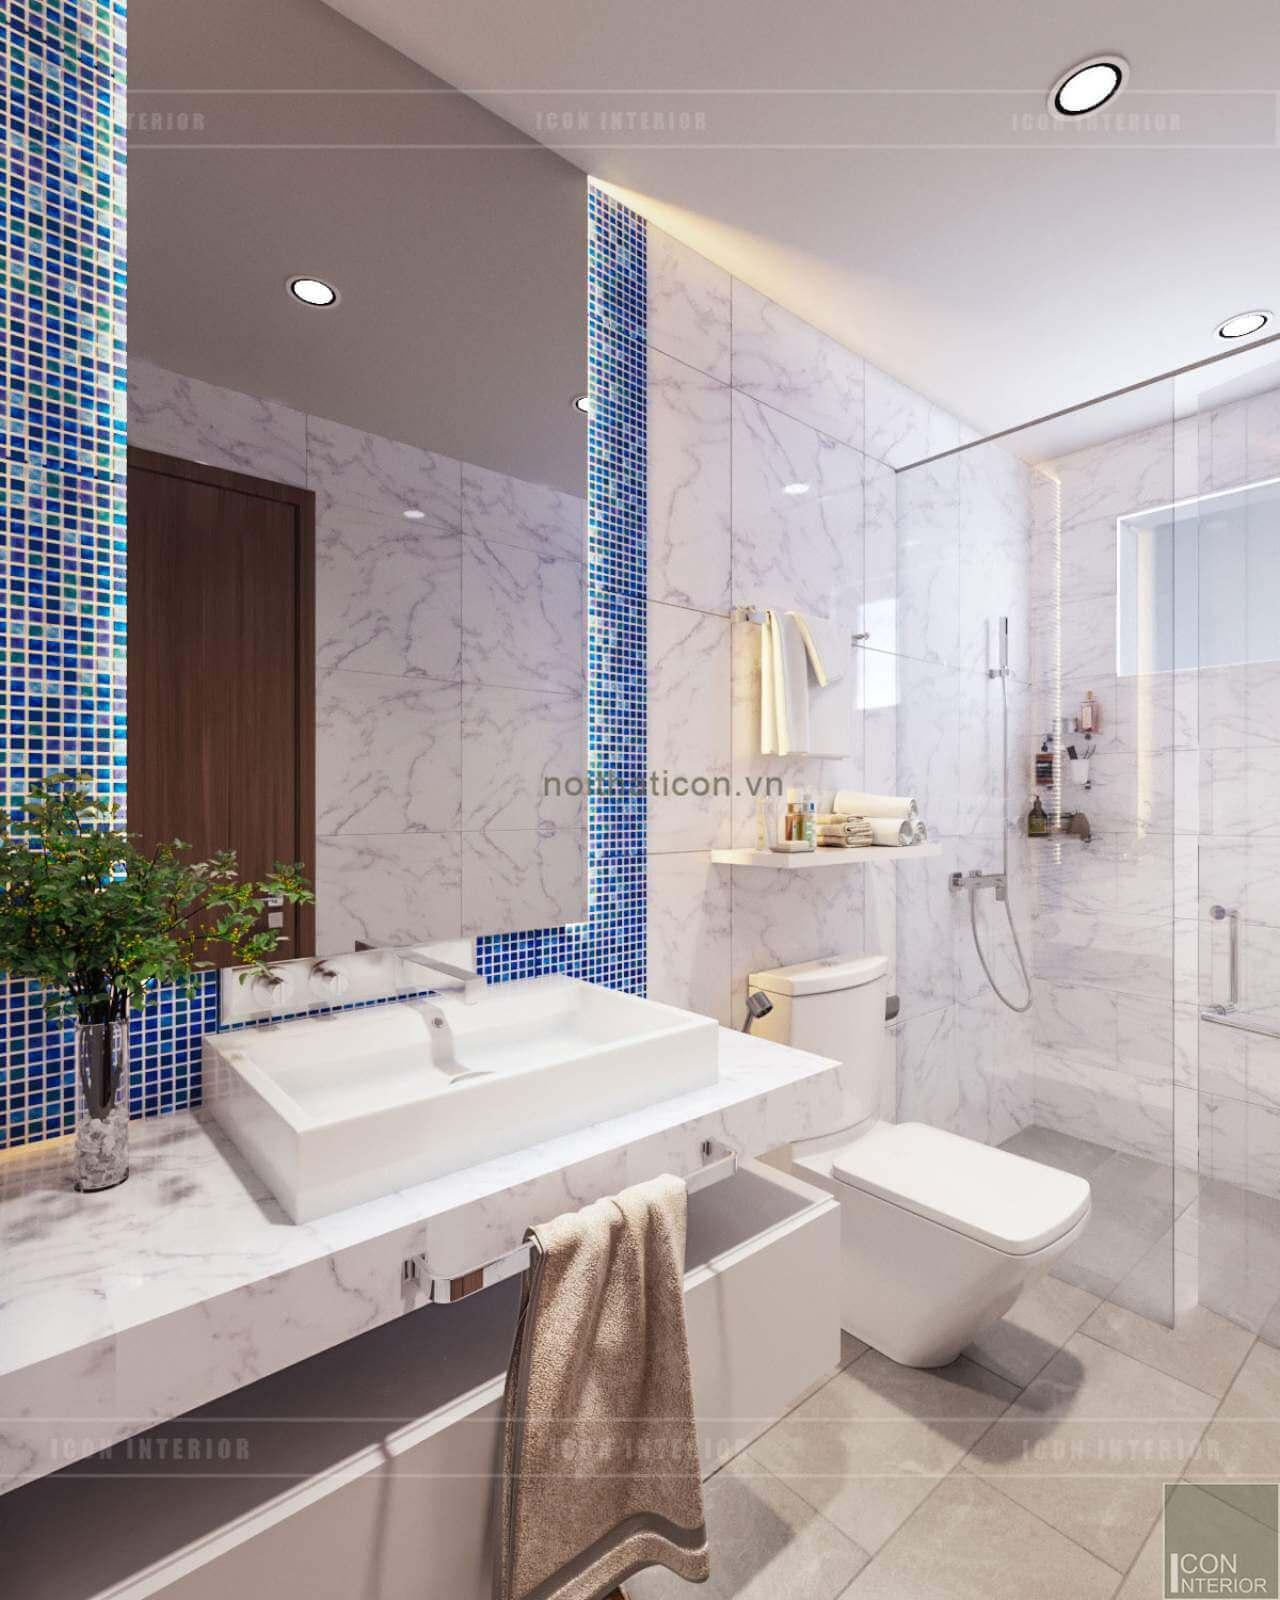 sắp xếp nội thất nhà tắm